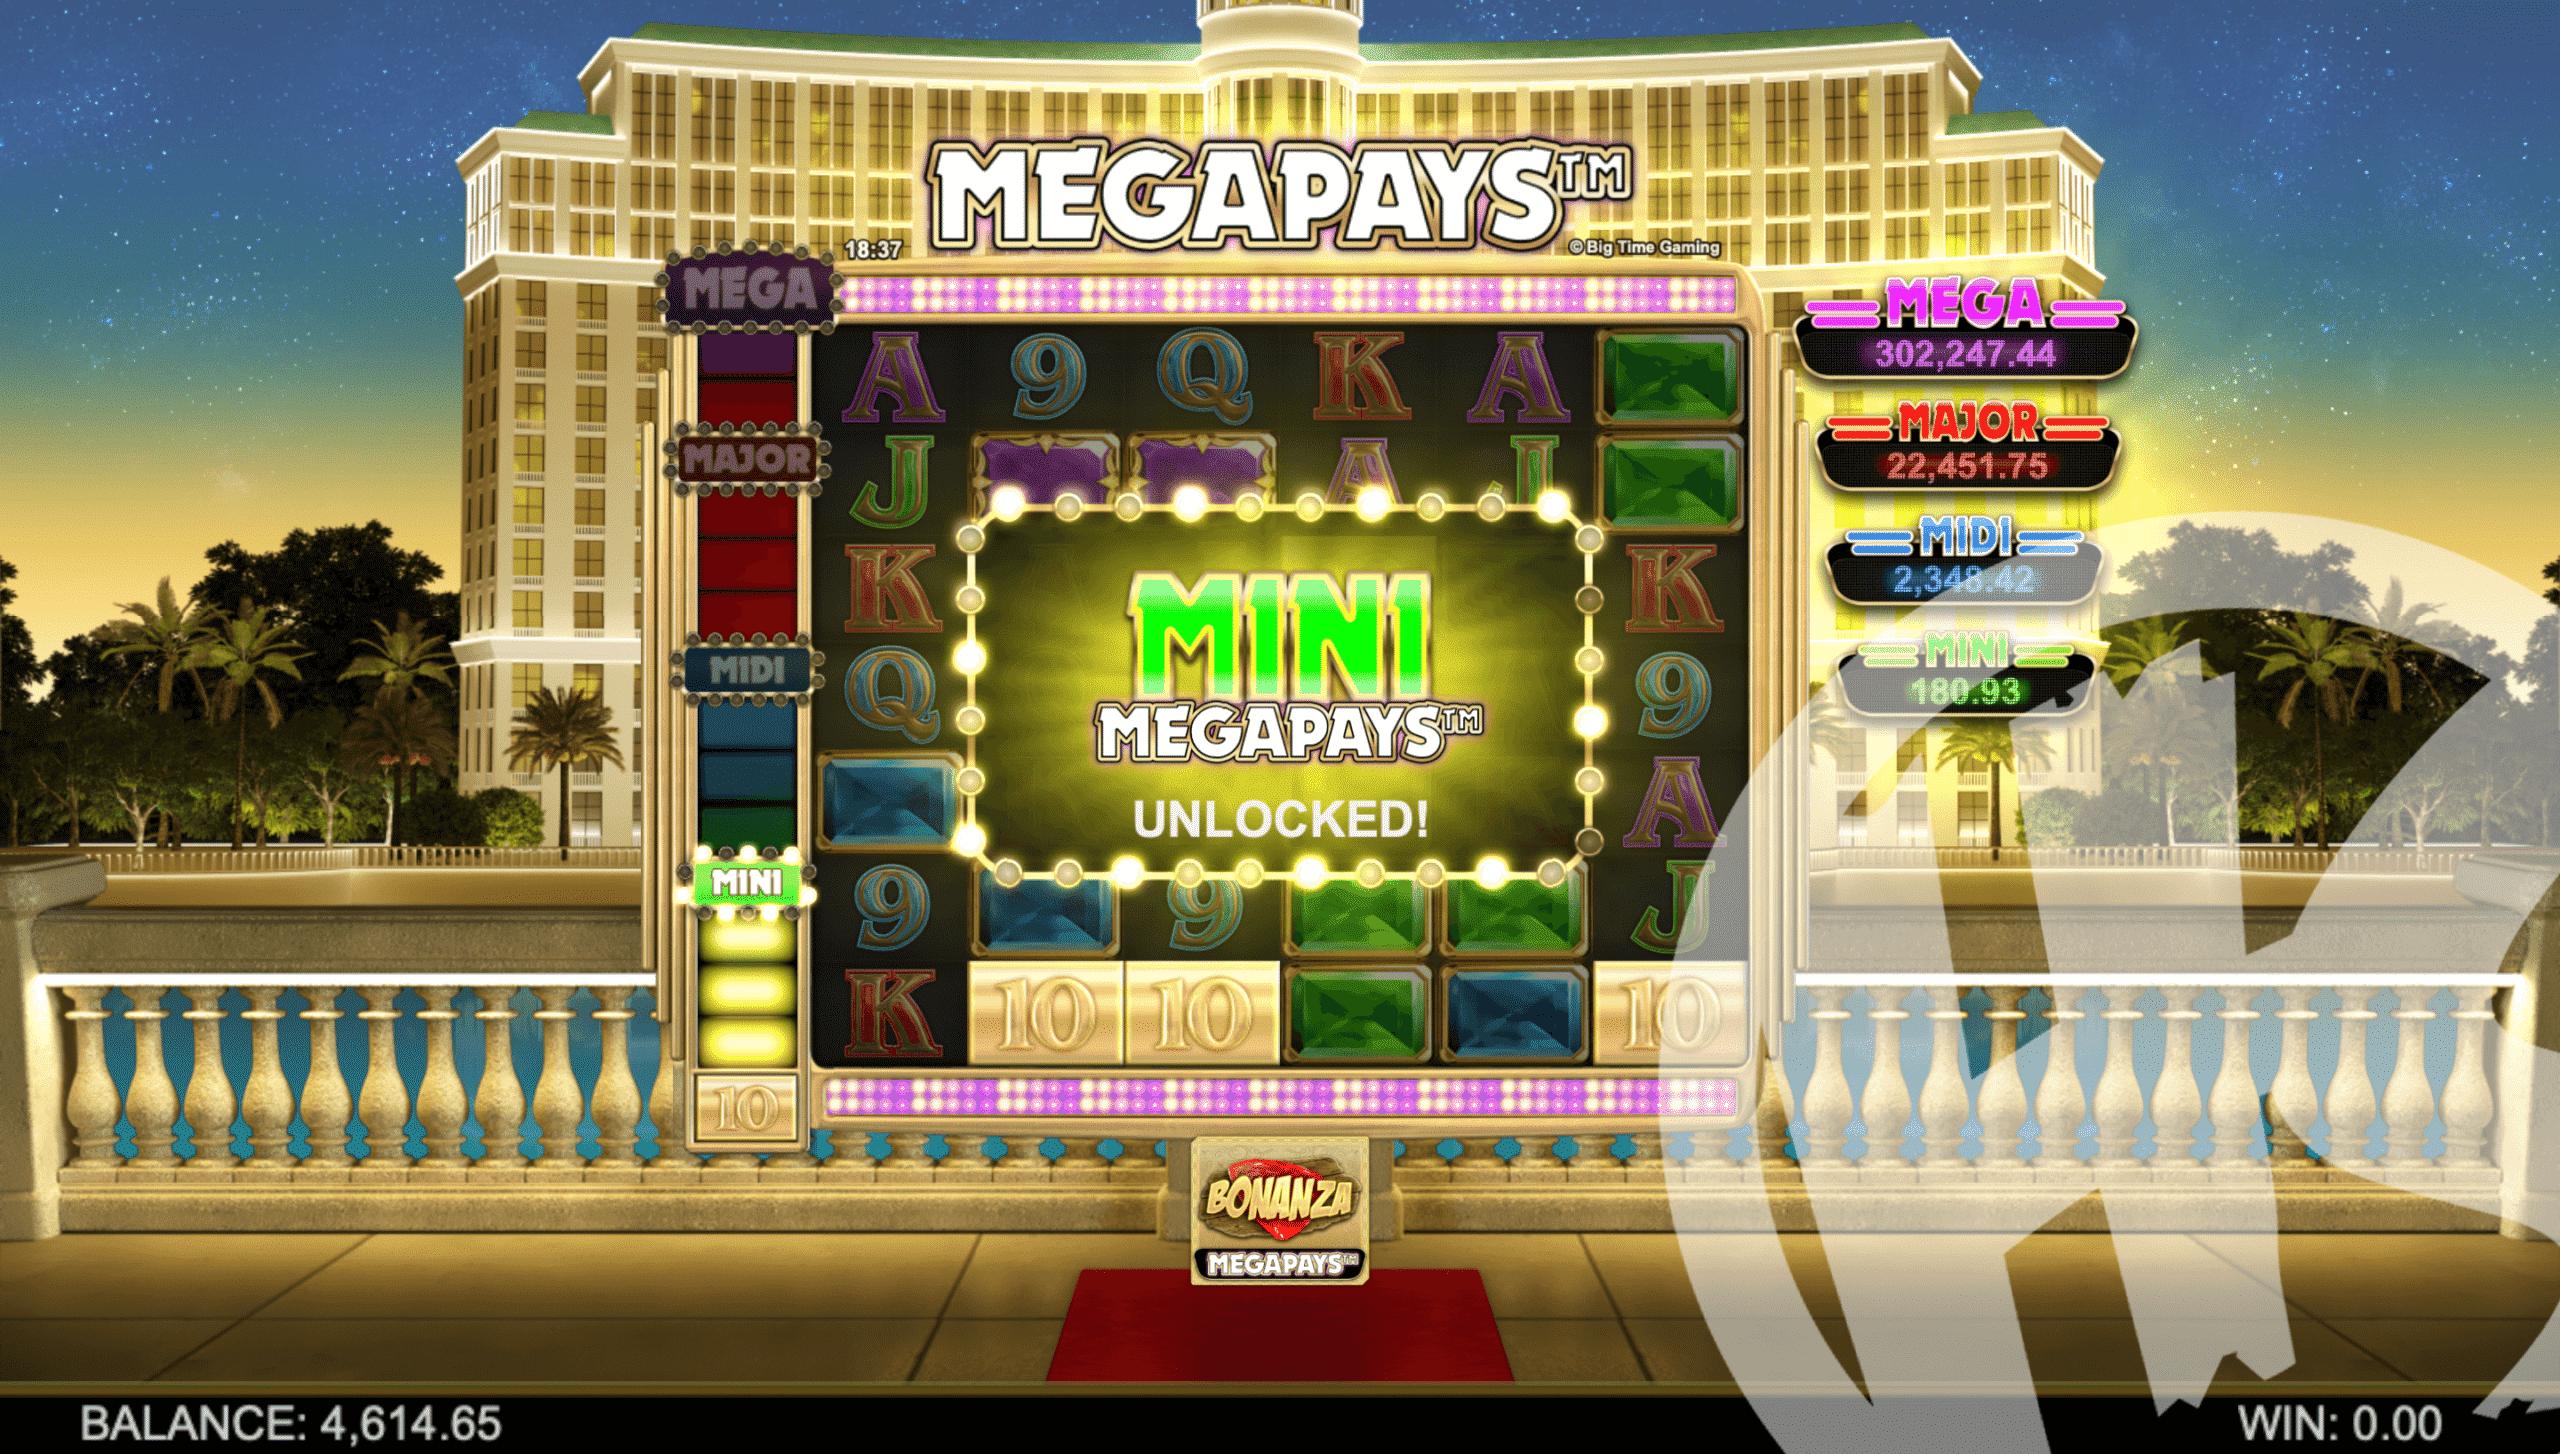 Bonanza Megapays Megapays Feature